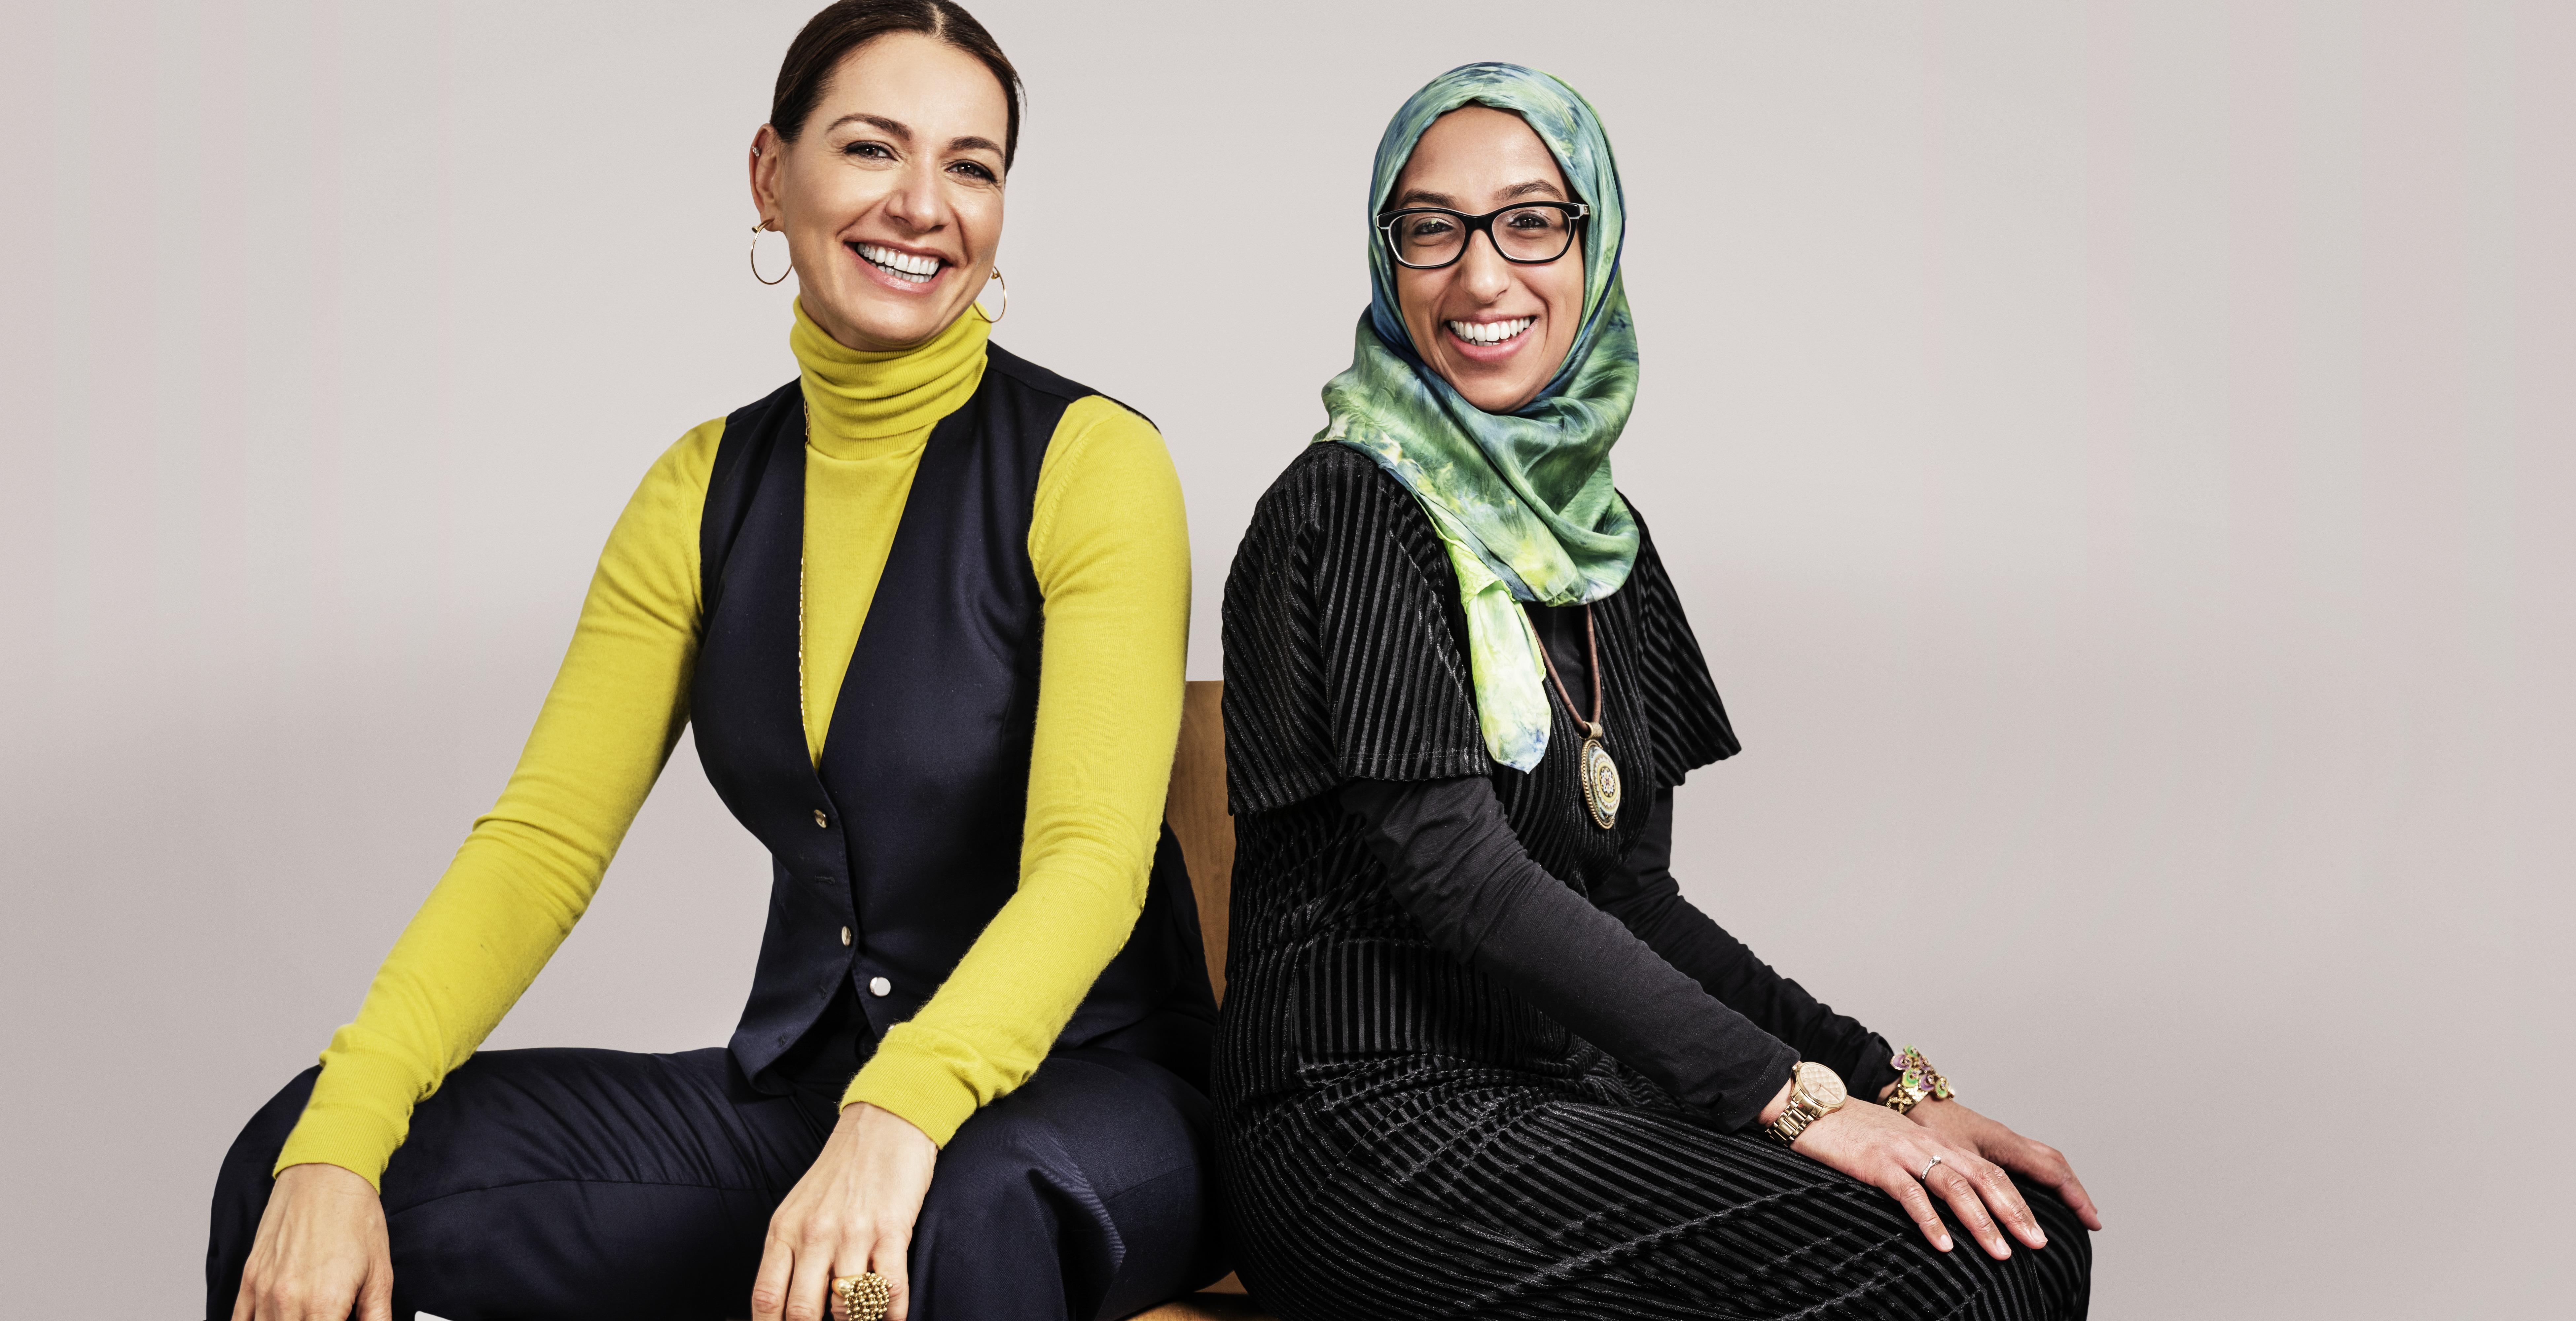 Yana Peel and Farah Jassat